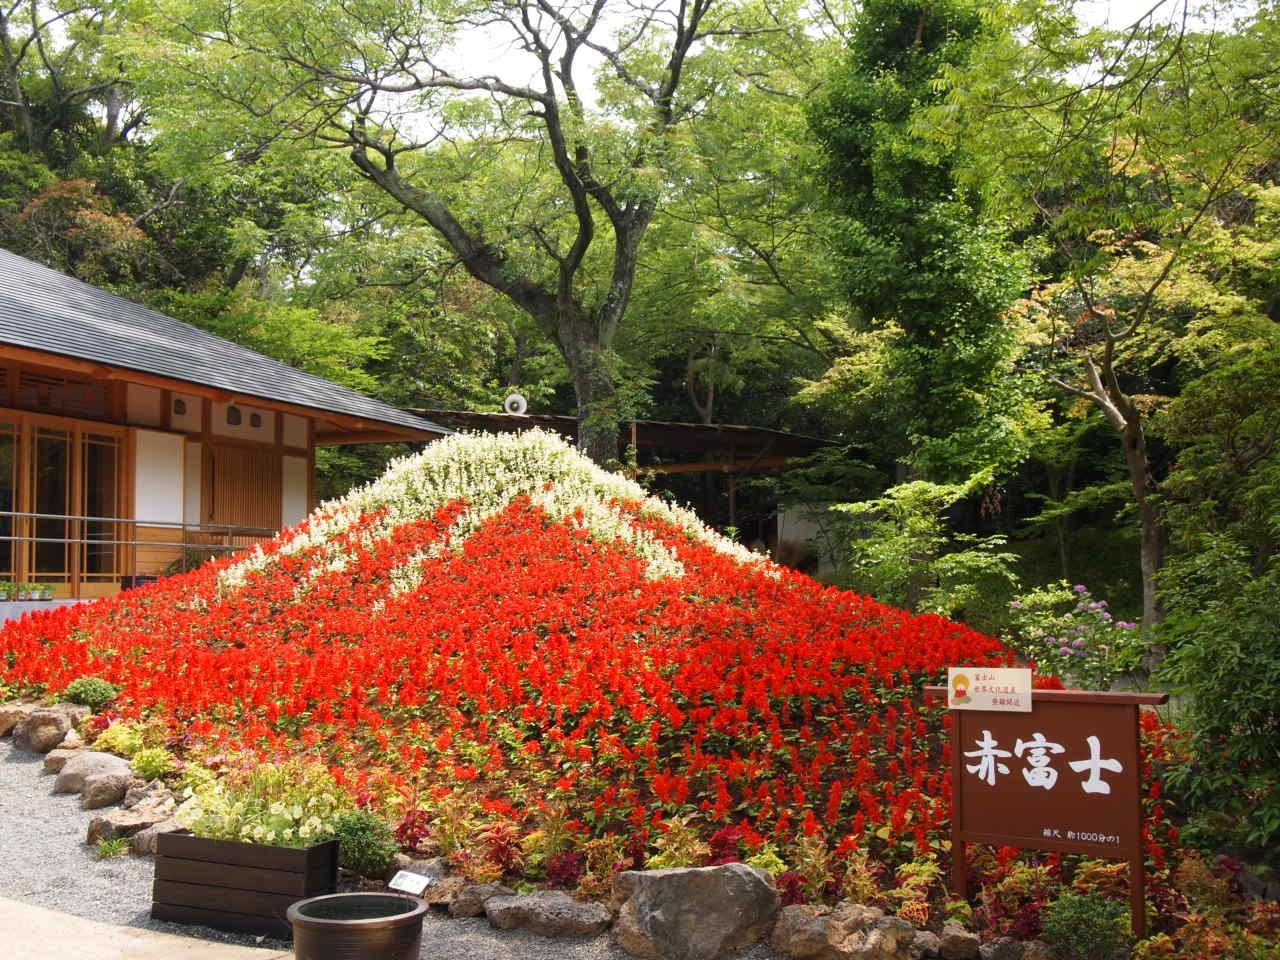 燃えるような赤が映える小さな「赤富士」